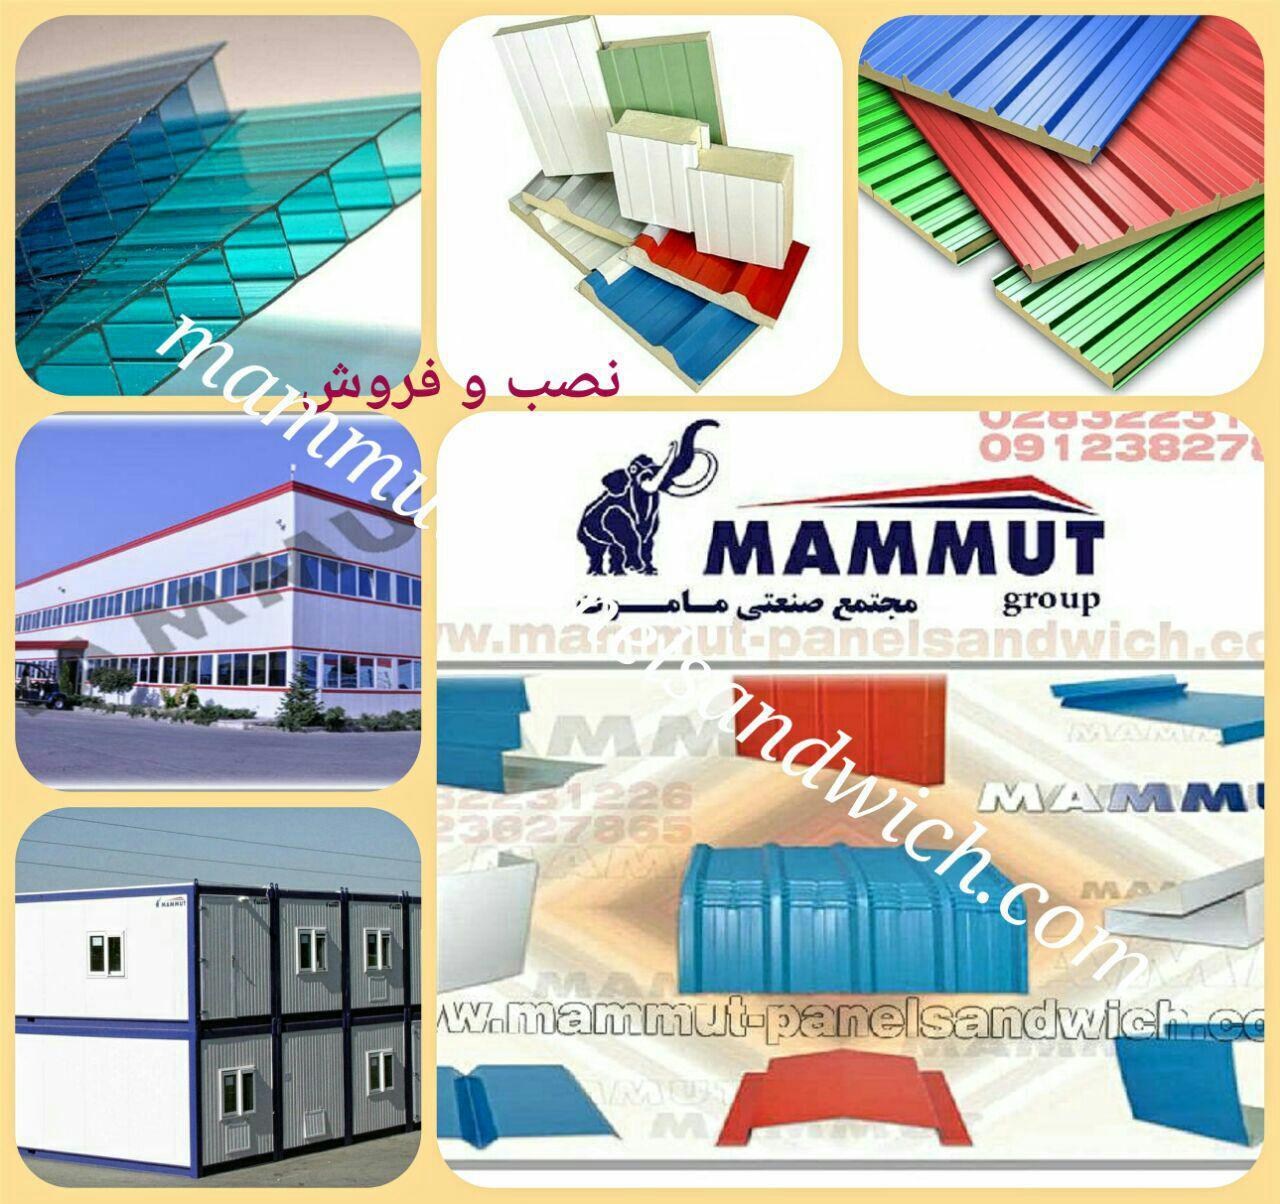 لیست محصولات شرکت ماموت